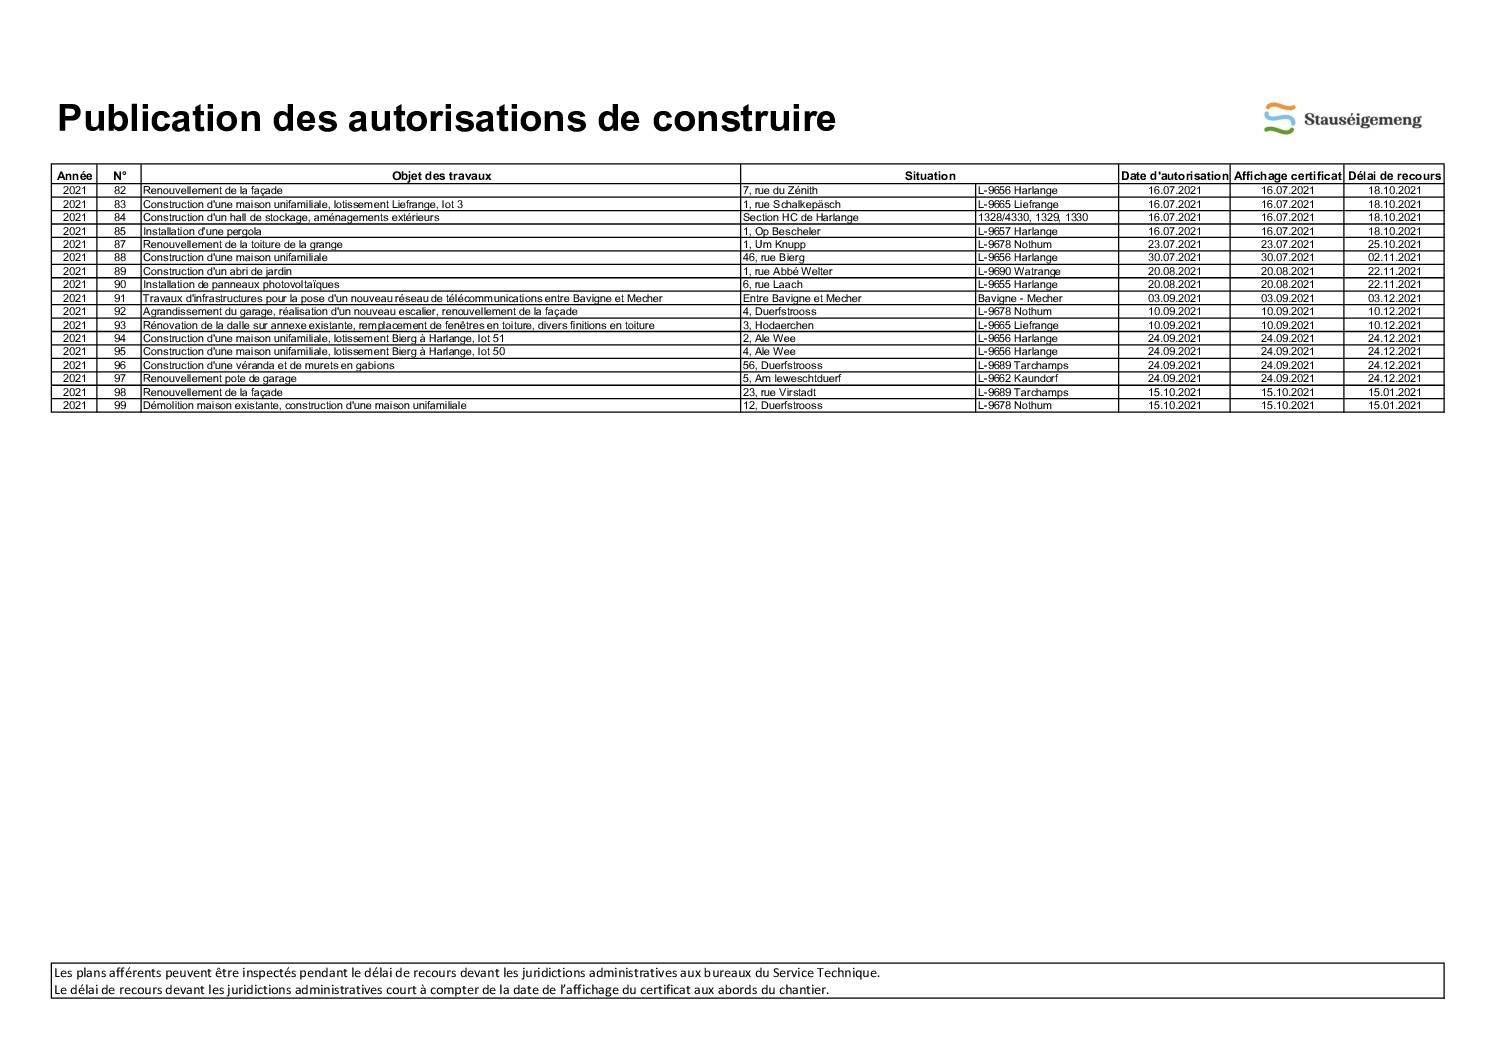 Relevé des autorisations de construire 15.10.21